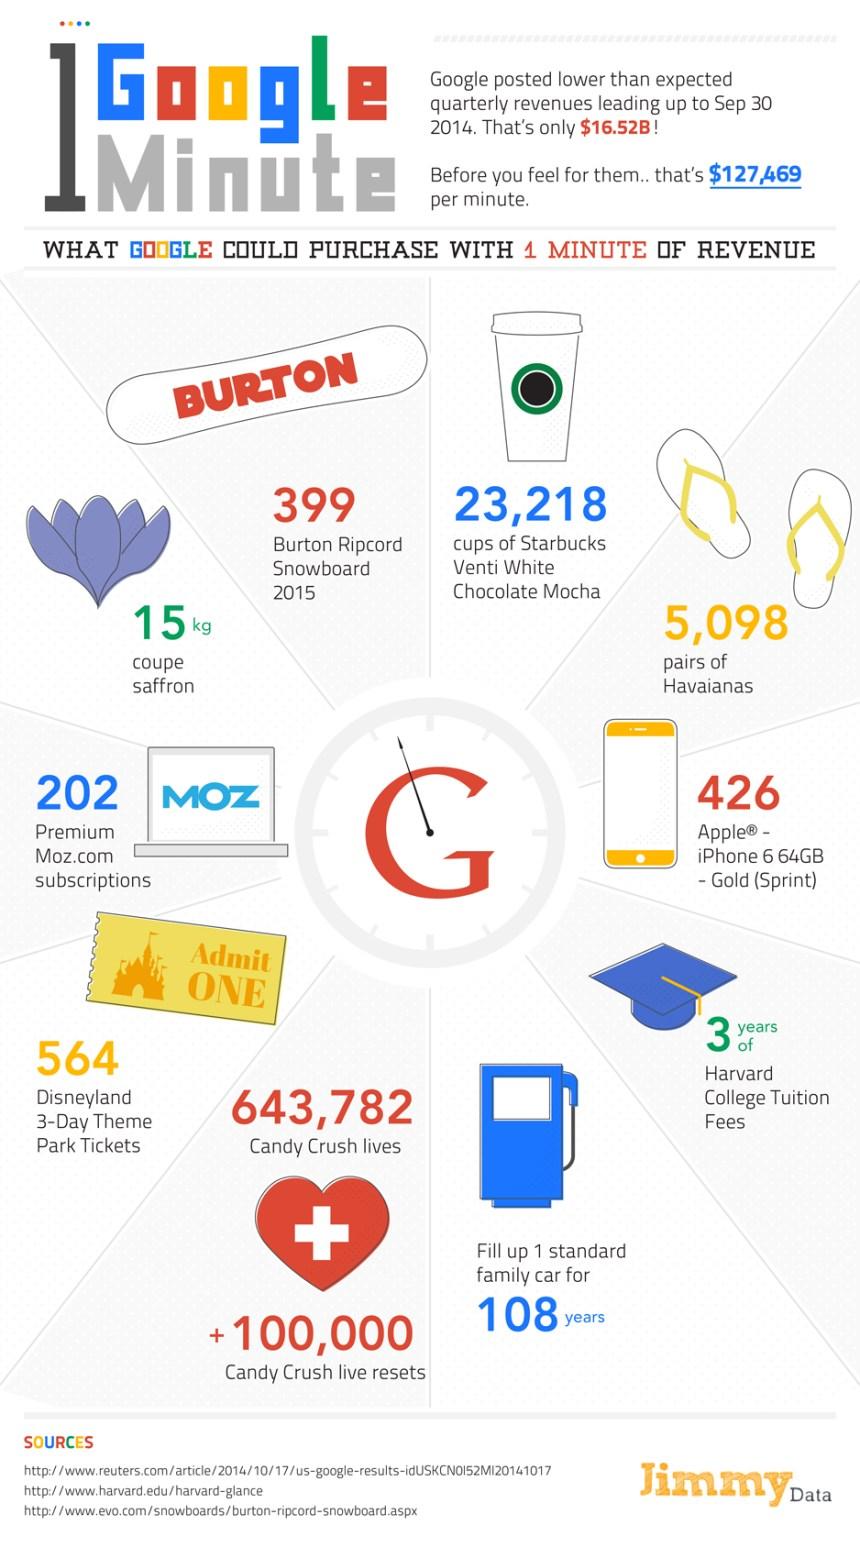 Qué se puede comprar con lo que factura Google en 1 minuto